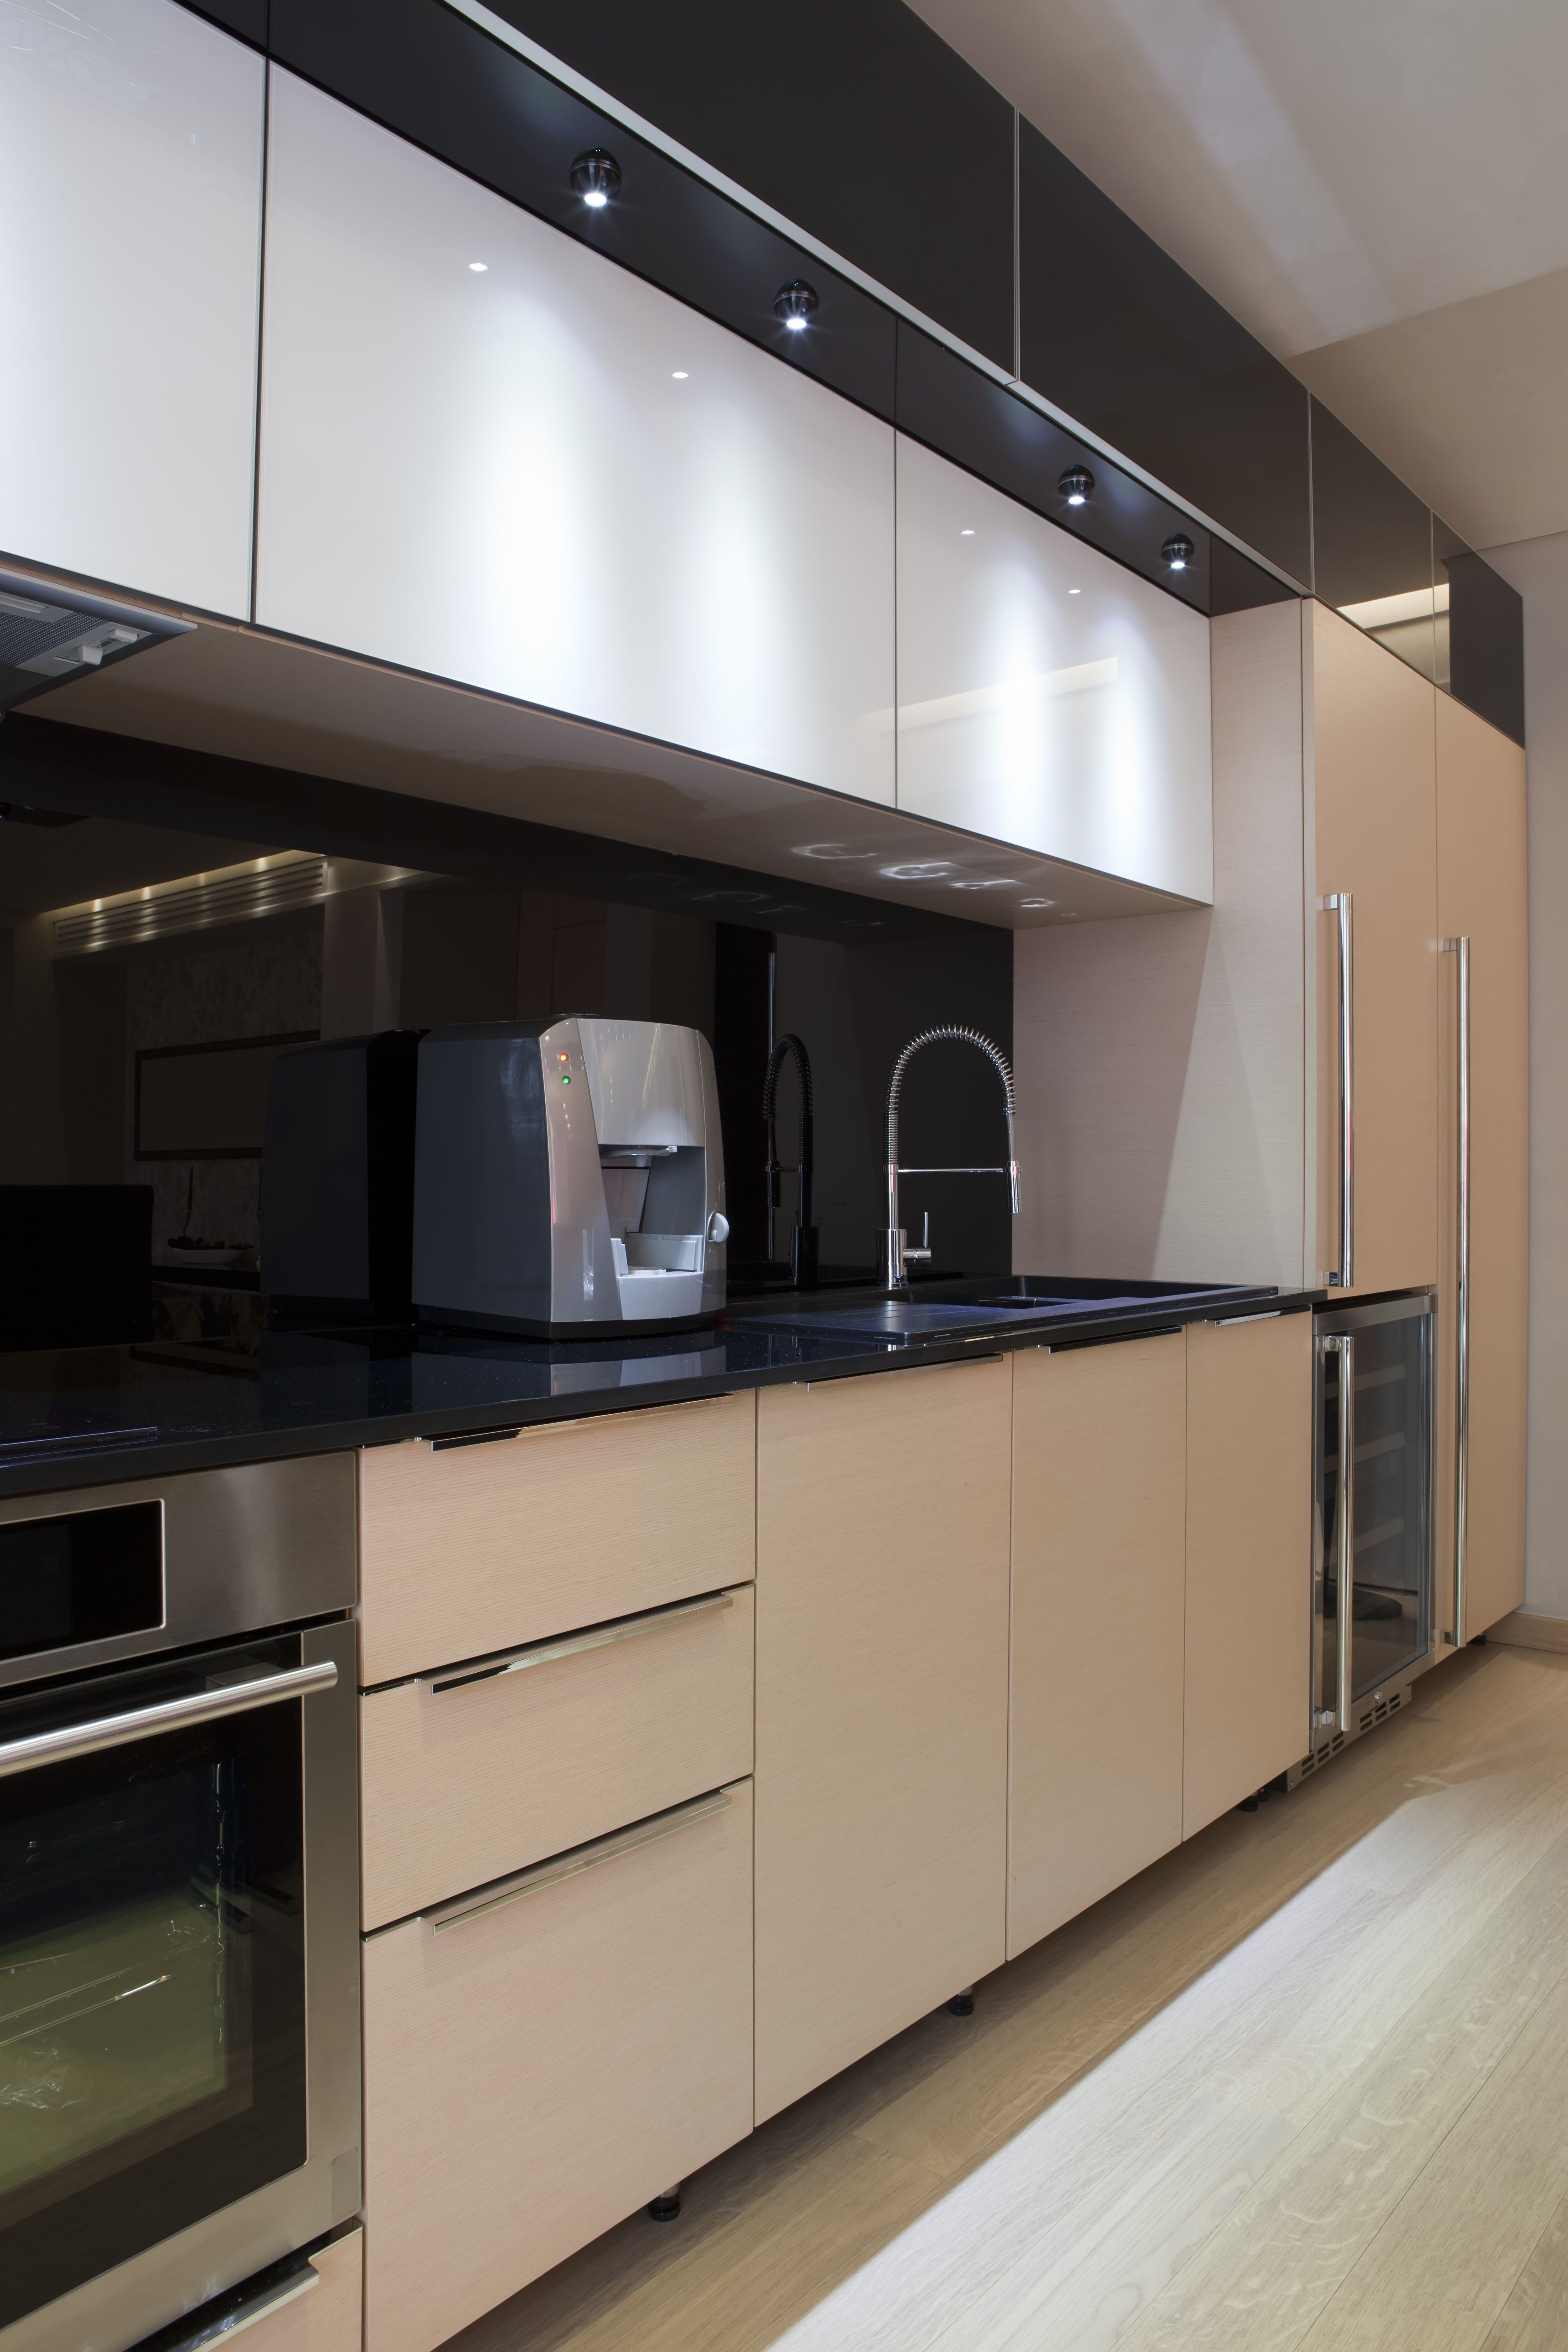 Luces muebles altos cocina pinterest ideas para for Muebles altos de cocina